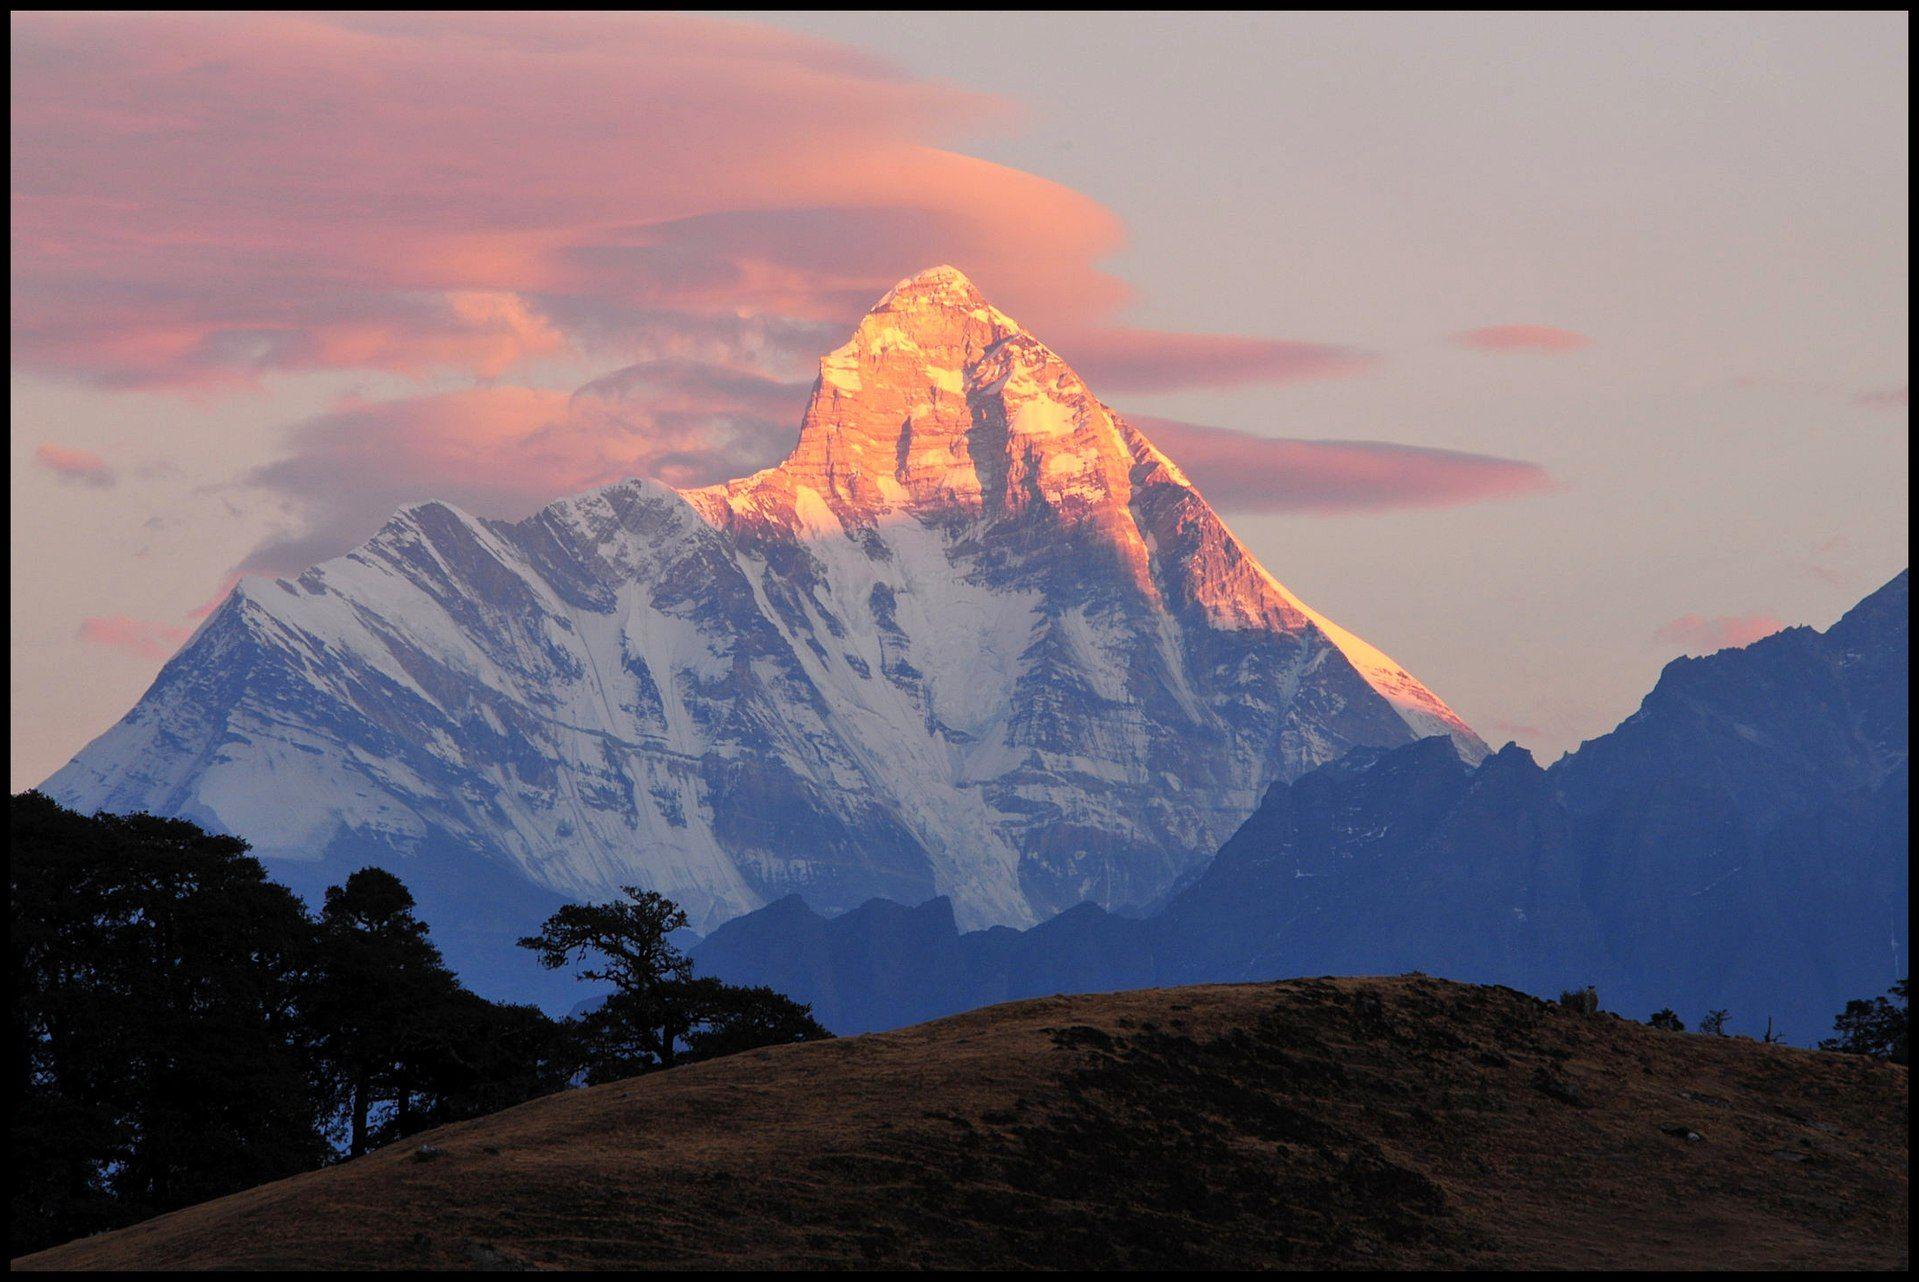 Върховете на Нанда Деви са красиви, но труднодостъпни